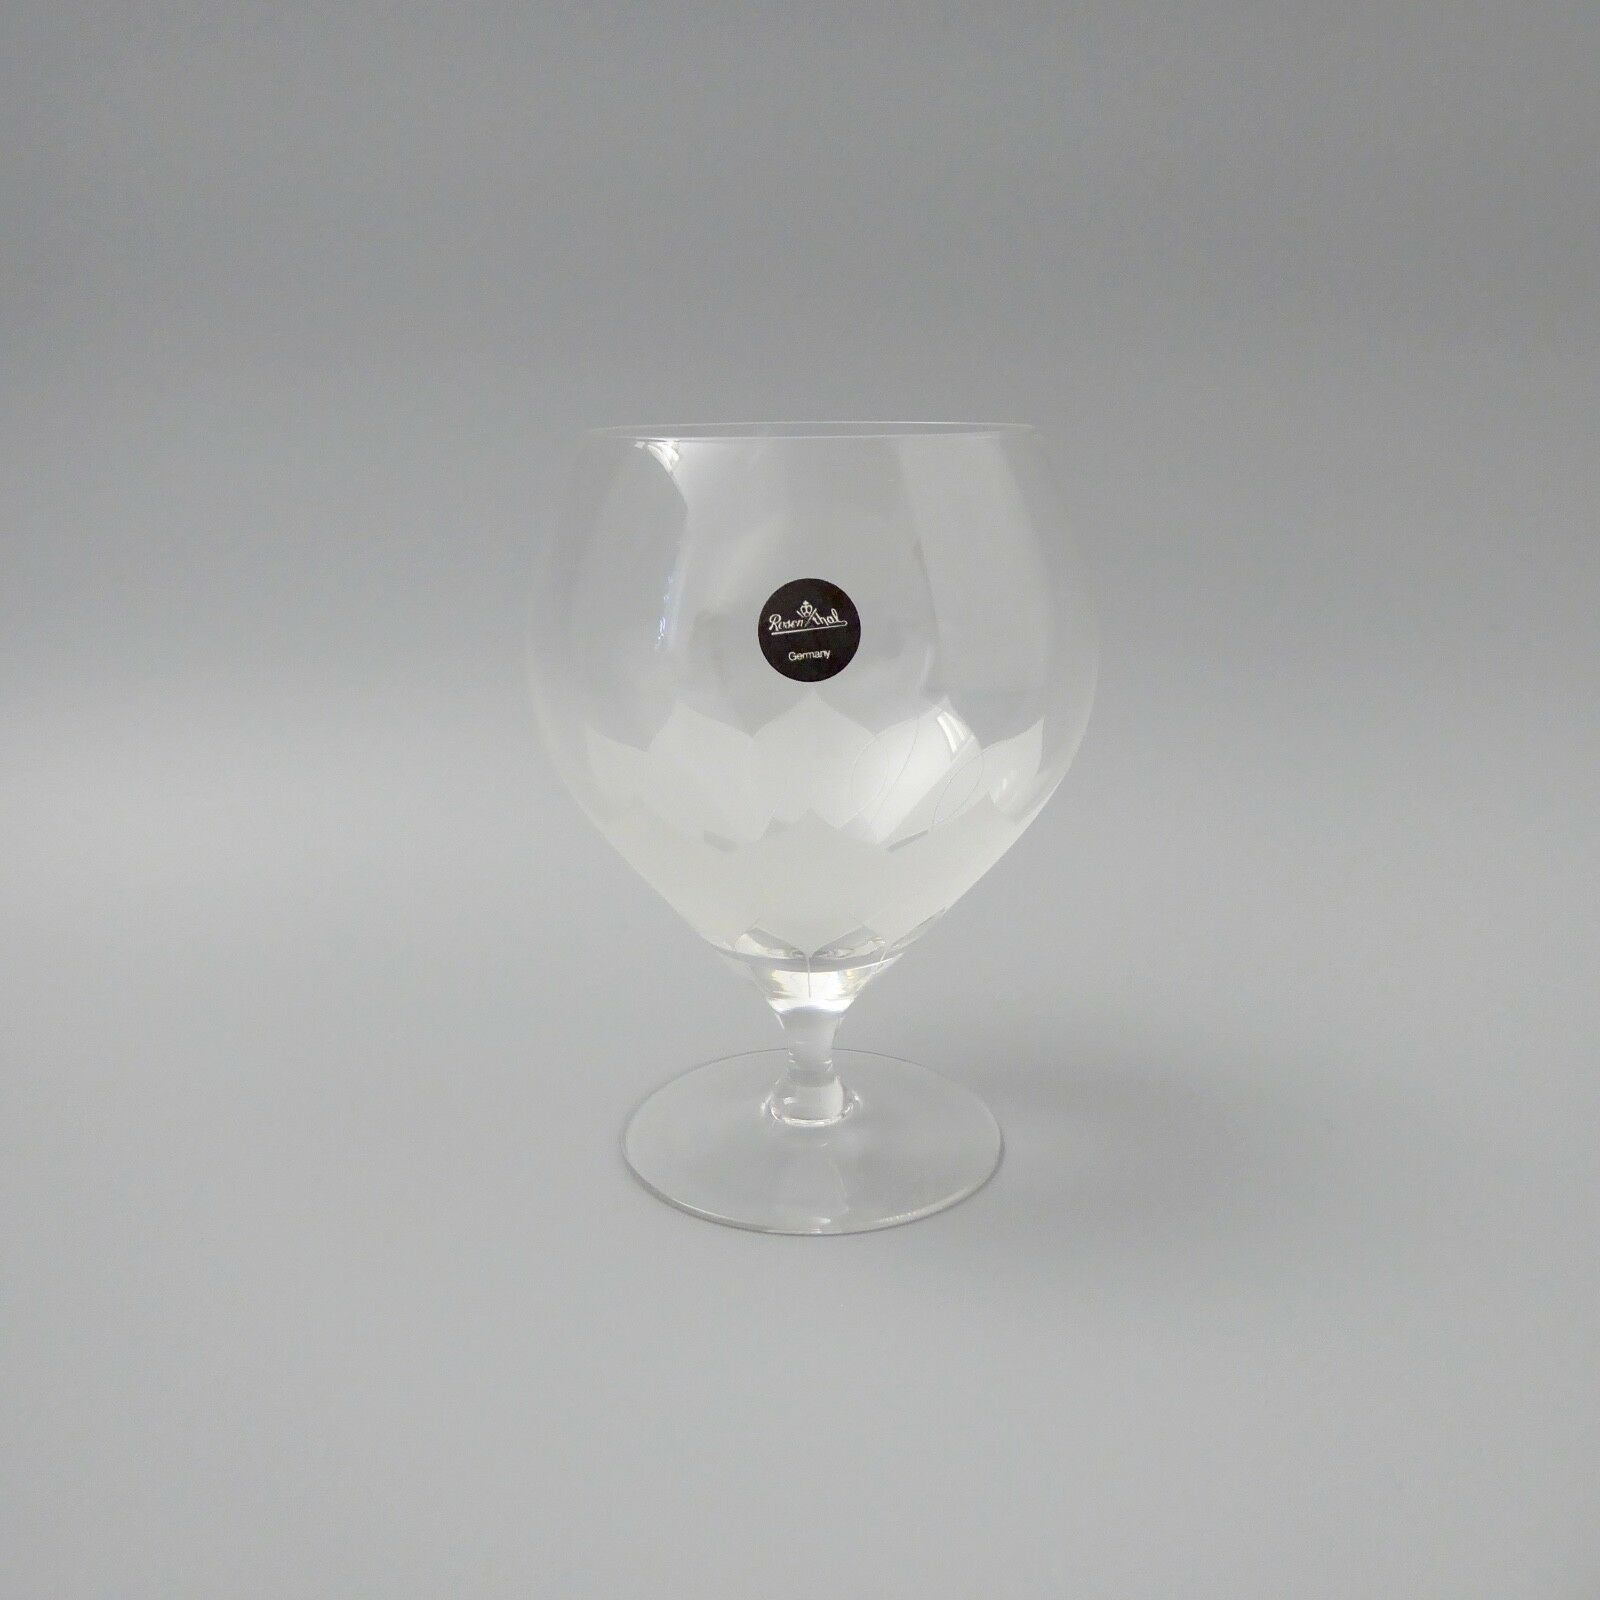 6 pièces Rosenthal Lotus Cognac-Schwenker verre H. 11,5 cm Inutilisé